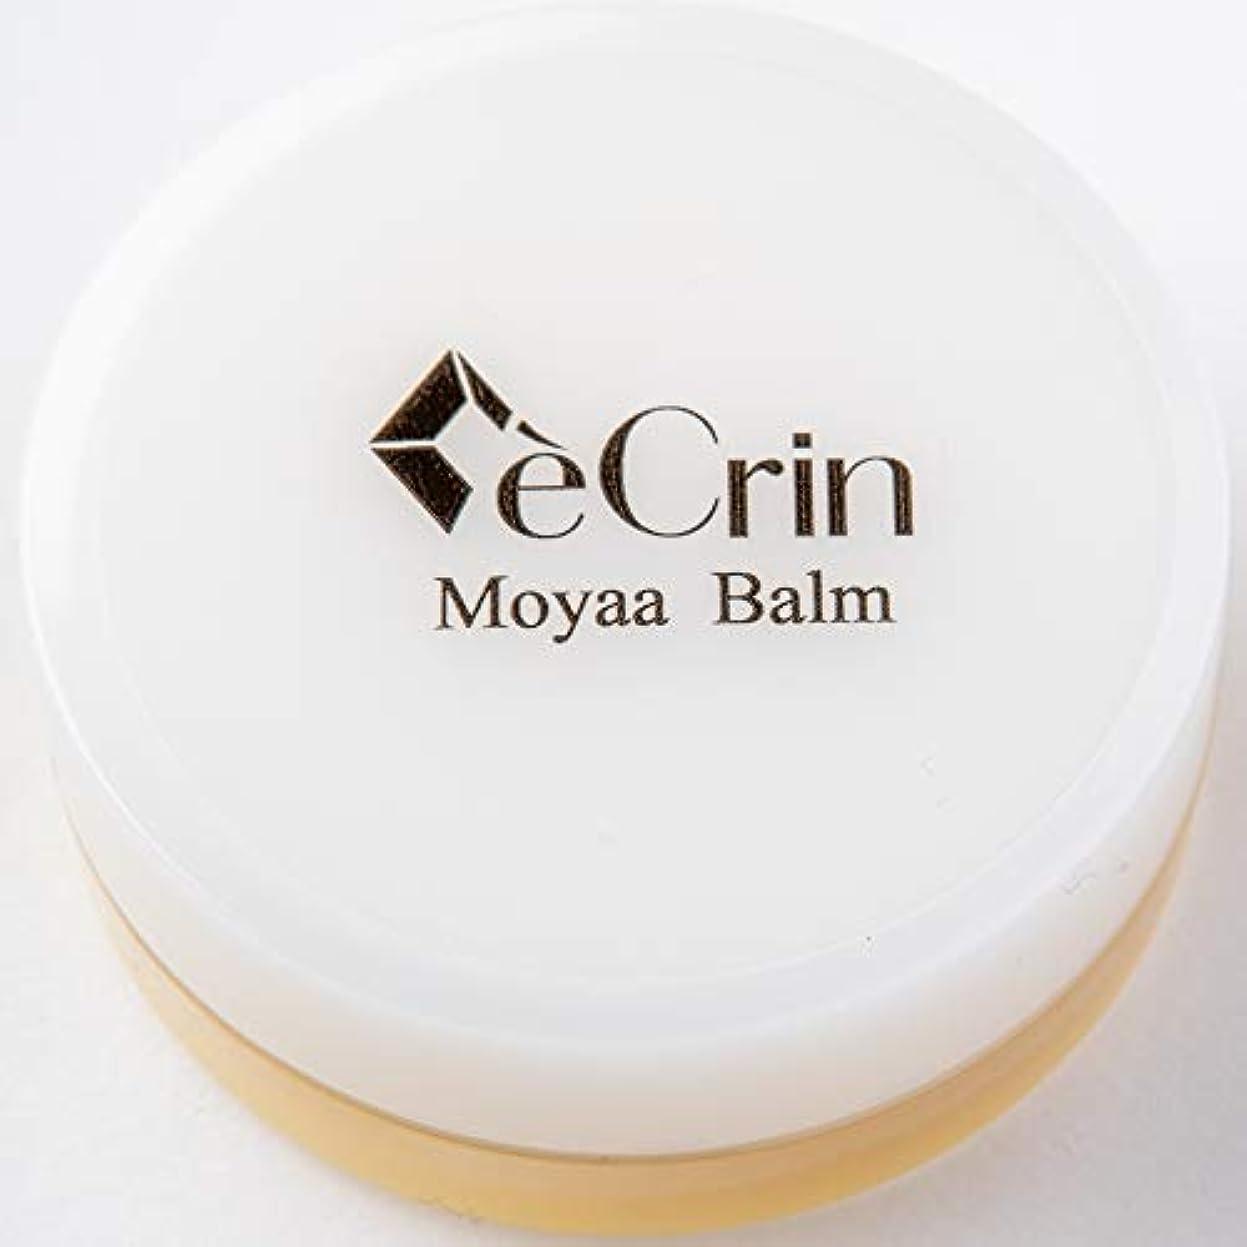 電極現金続けるMoyaa Balm (モーヤバーム)天然成分のみで仕上げたシアバター white 無添加 天然成分100%